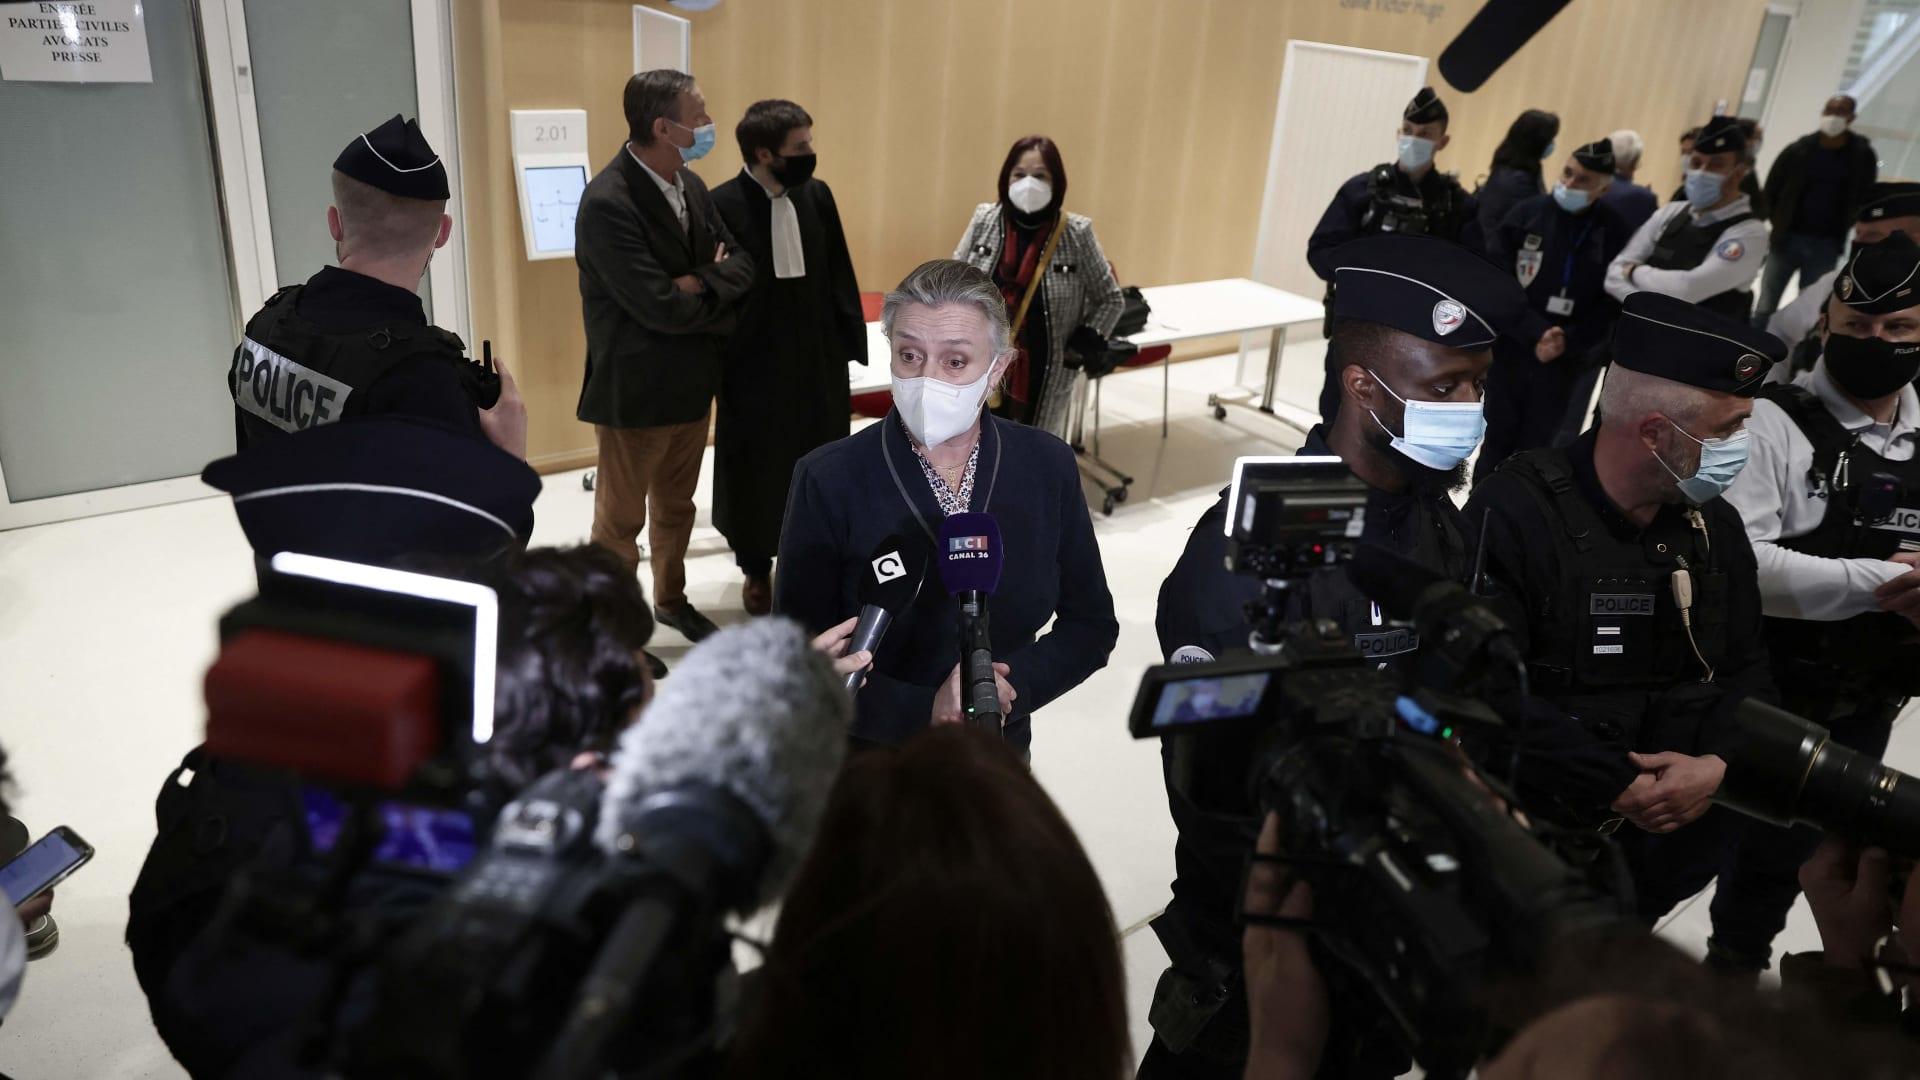 """بعد مئات الوفيات بسبب دواء لإنقاص الوزن.. إدانة شركة أدوية فرنسية بسبب """"القتل غير العمد"""""""